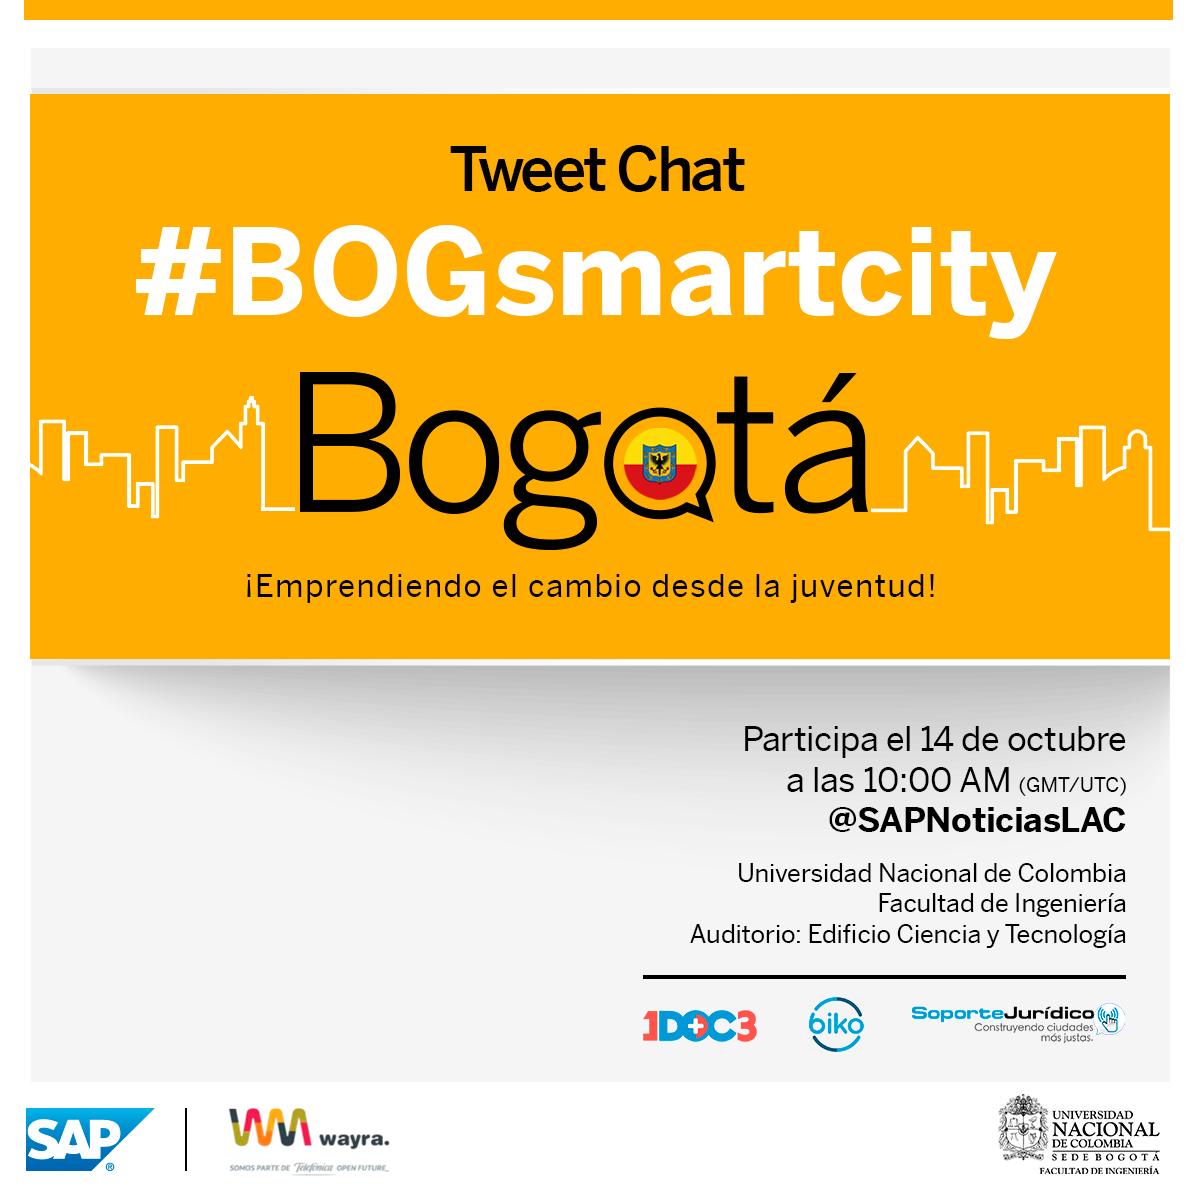 Únete al tweetchat #BOGsmartcity este 14/10: ¿cómo cambiar a Bogotá con emprendimiento, tecnología e innovación? http://t.co/1XObpW3Wap